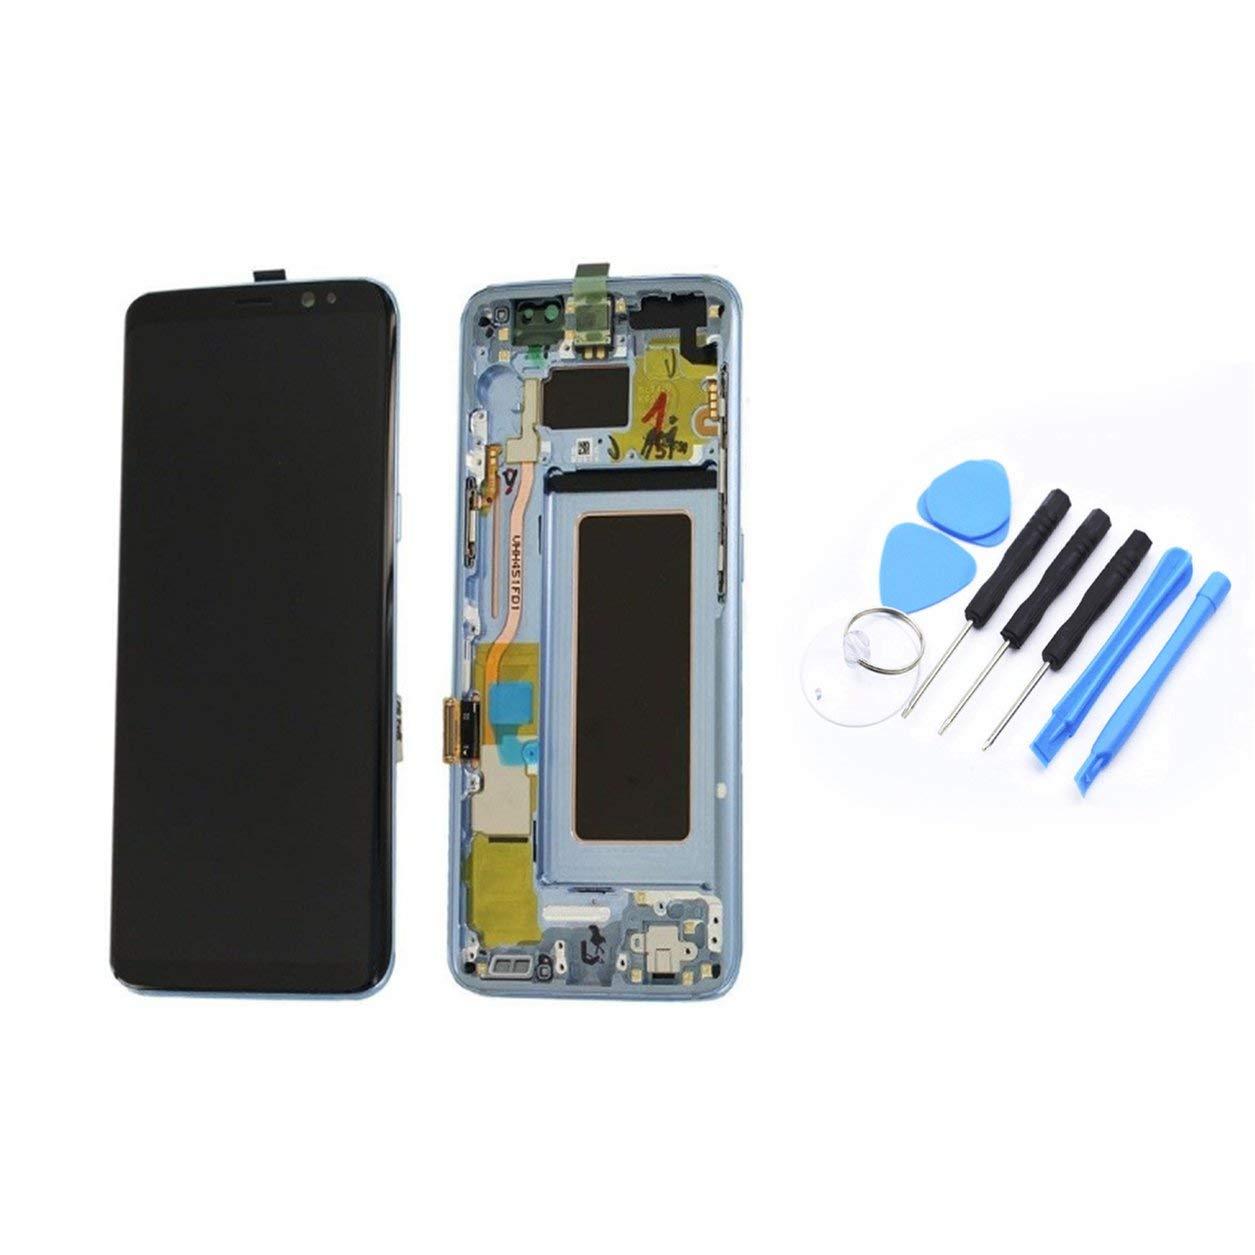 Dailyinshop Pantalla LCD de Pantalla táctil digitalizador y el Marco de Piezas de Recambio del Profesional Universal para los teléfonos Samsung S8